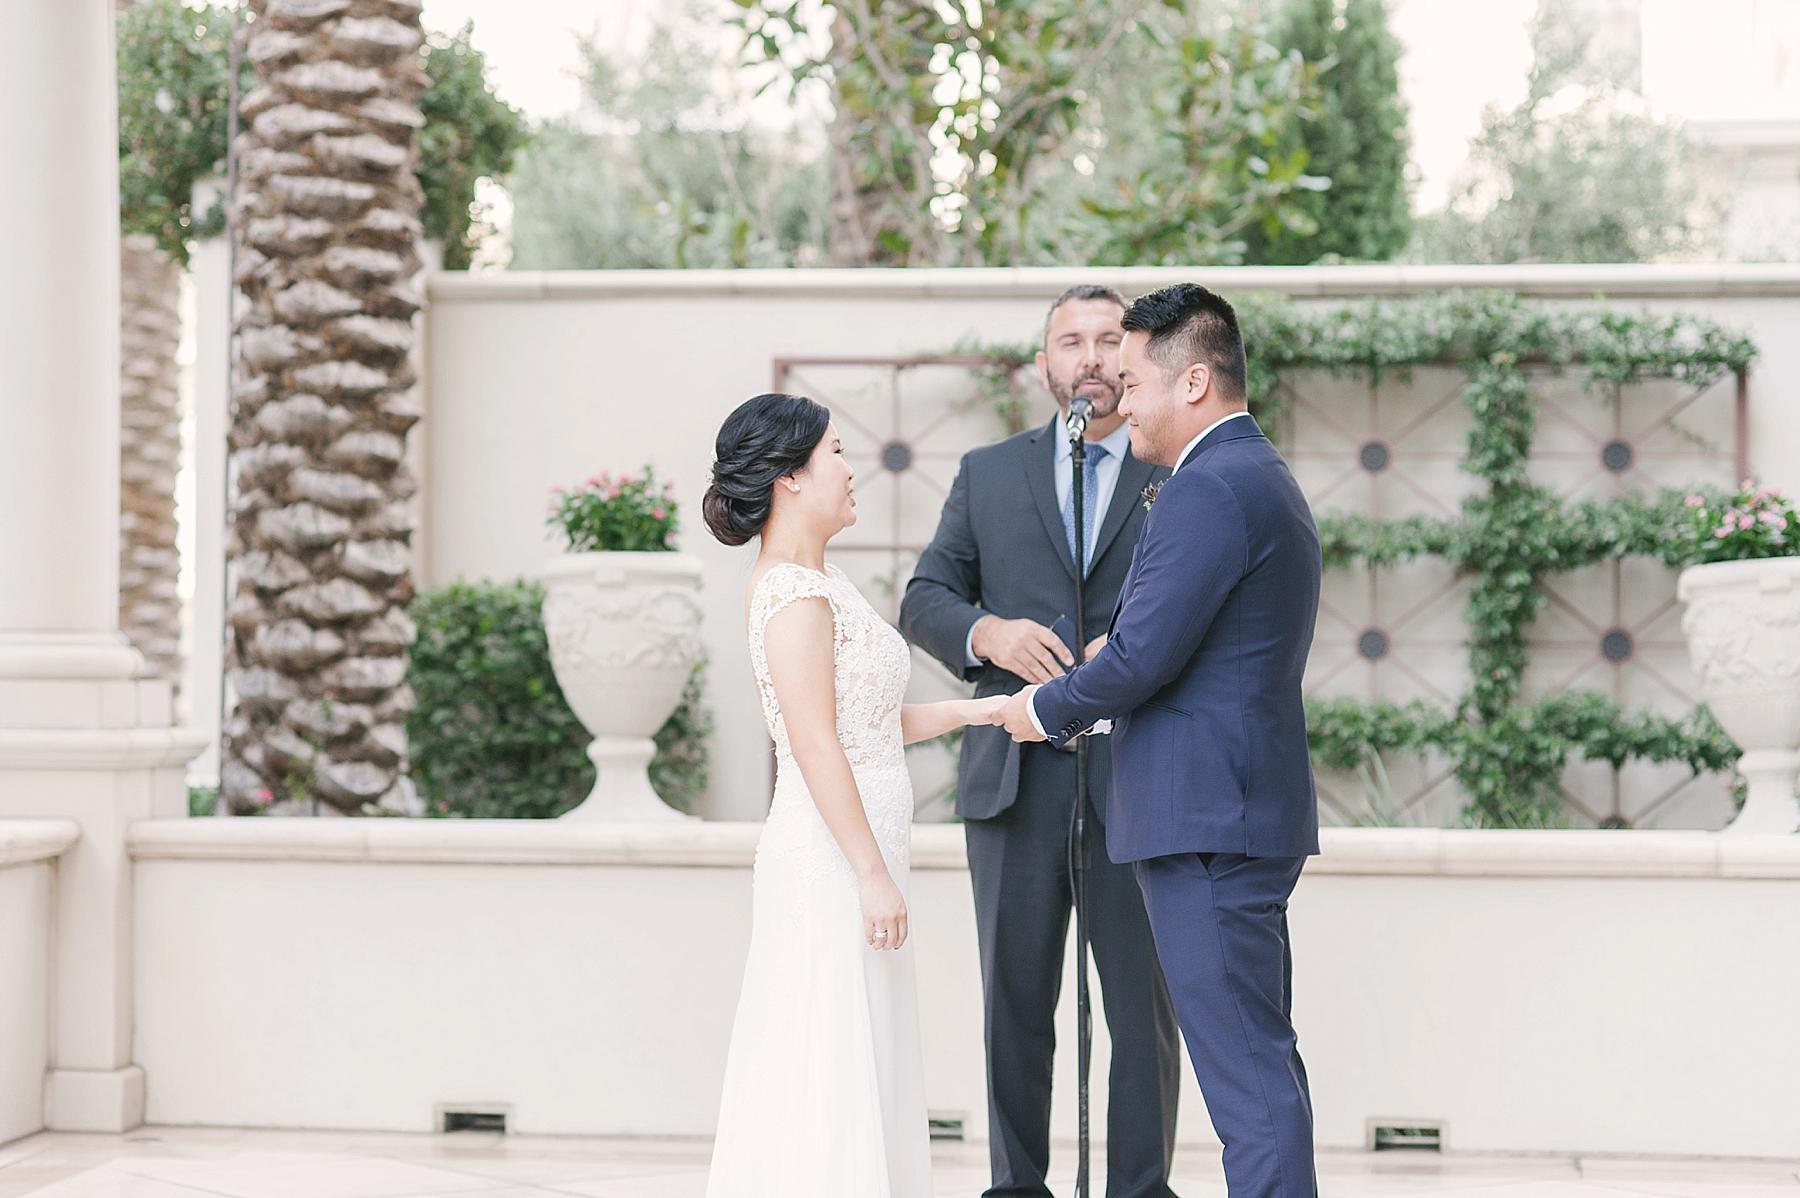 caesars_palace_wedding_las_vegas-25.jpg